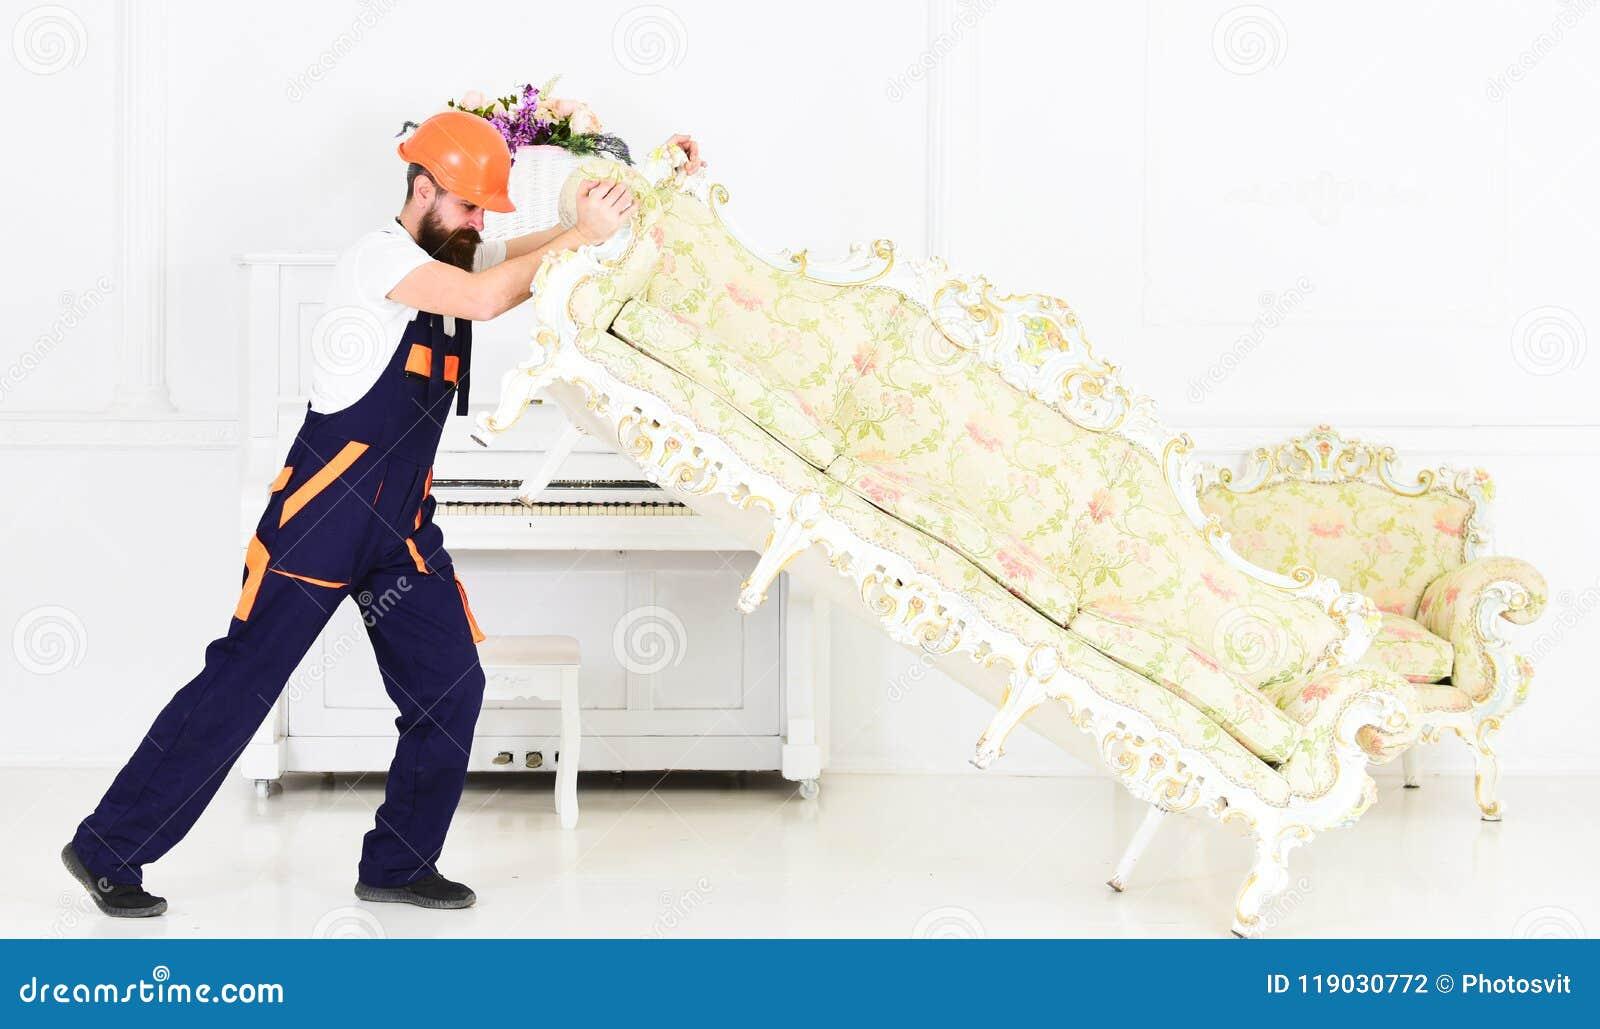 Hemsändningbegrepp Kuriren levererar möblemang i fall att av flyttar sig ut, förflyttning Laddaren flyttar soffan, soffa 308 mäss